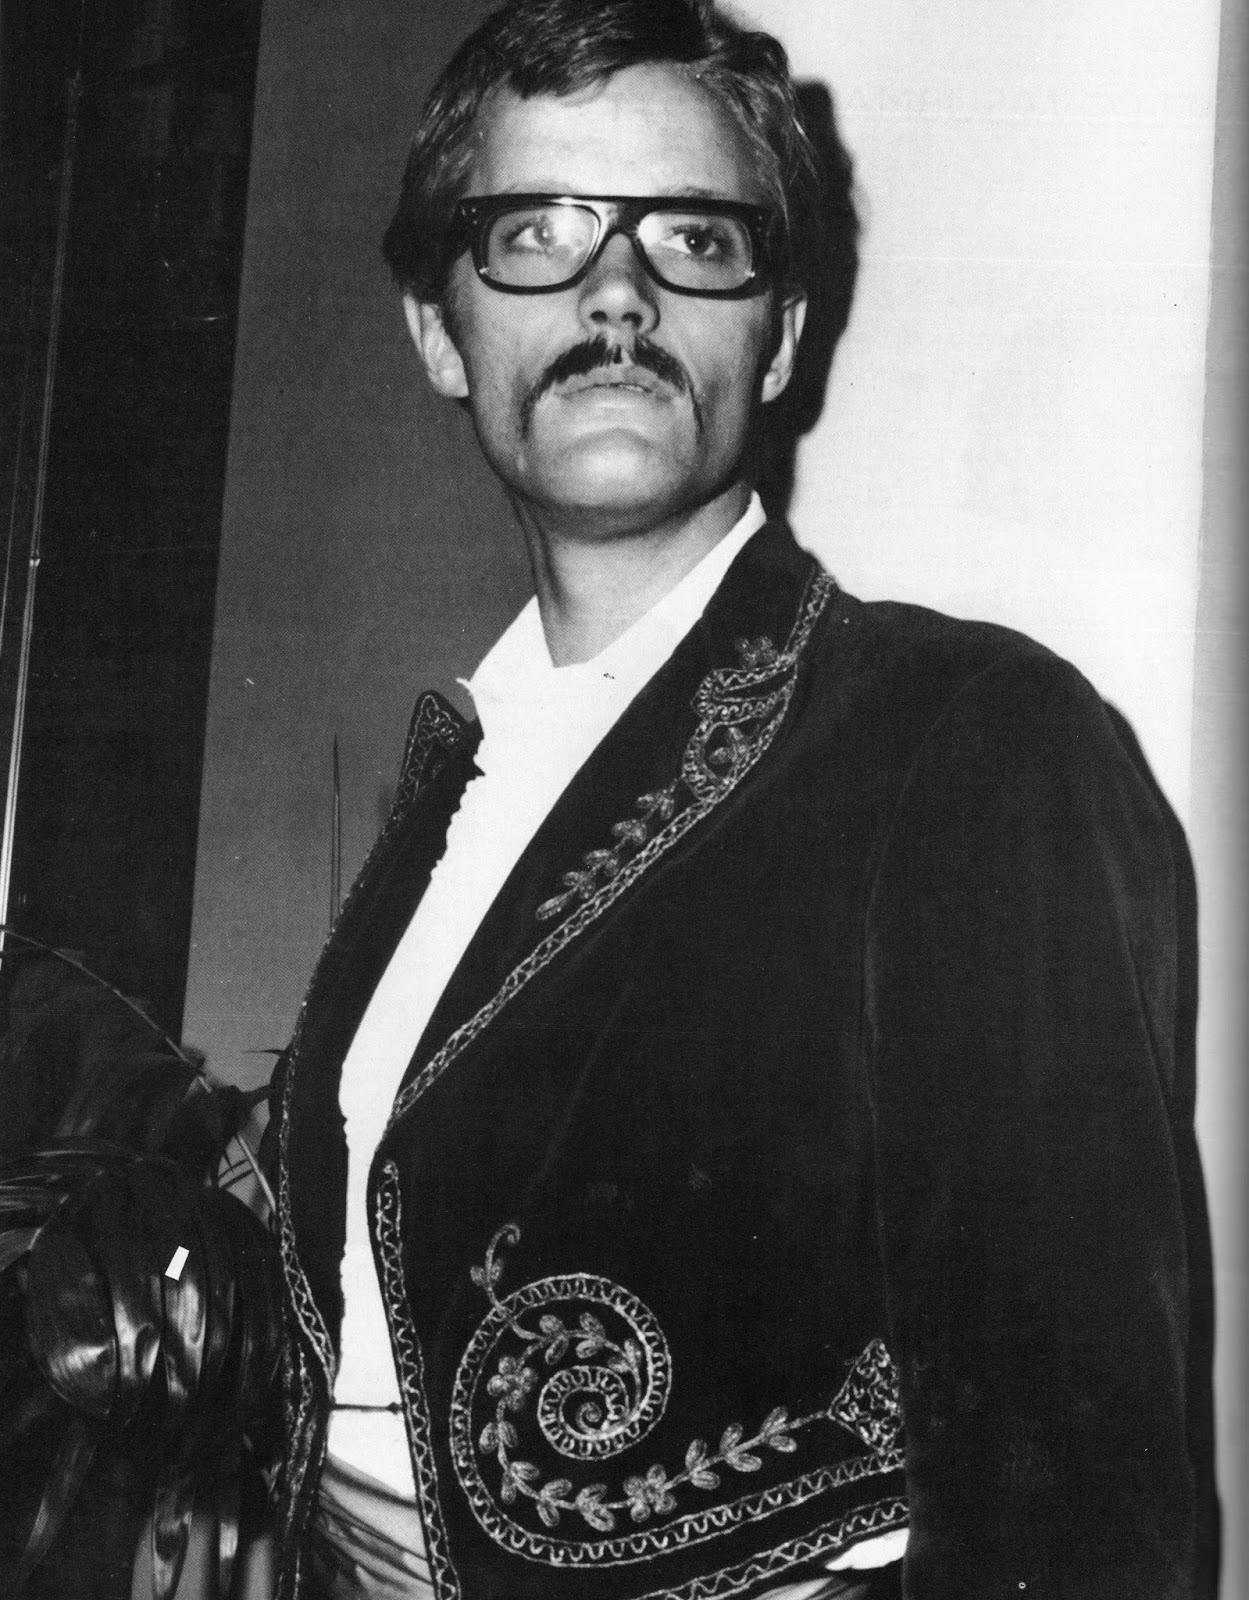 Peter Fonda Download